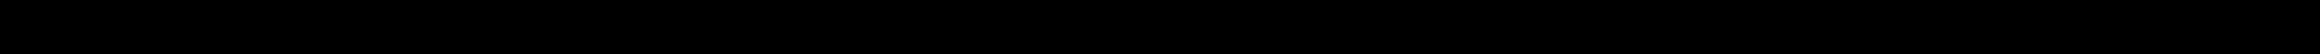 SWF 28 89 012 86R, 28 89 048 42R, 77 01 050 583, 77 11 172 852 Stikla tīrītāja slotiņa